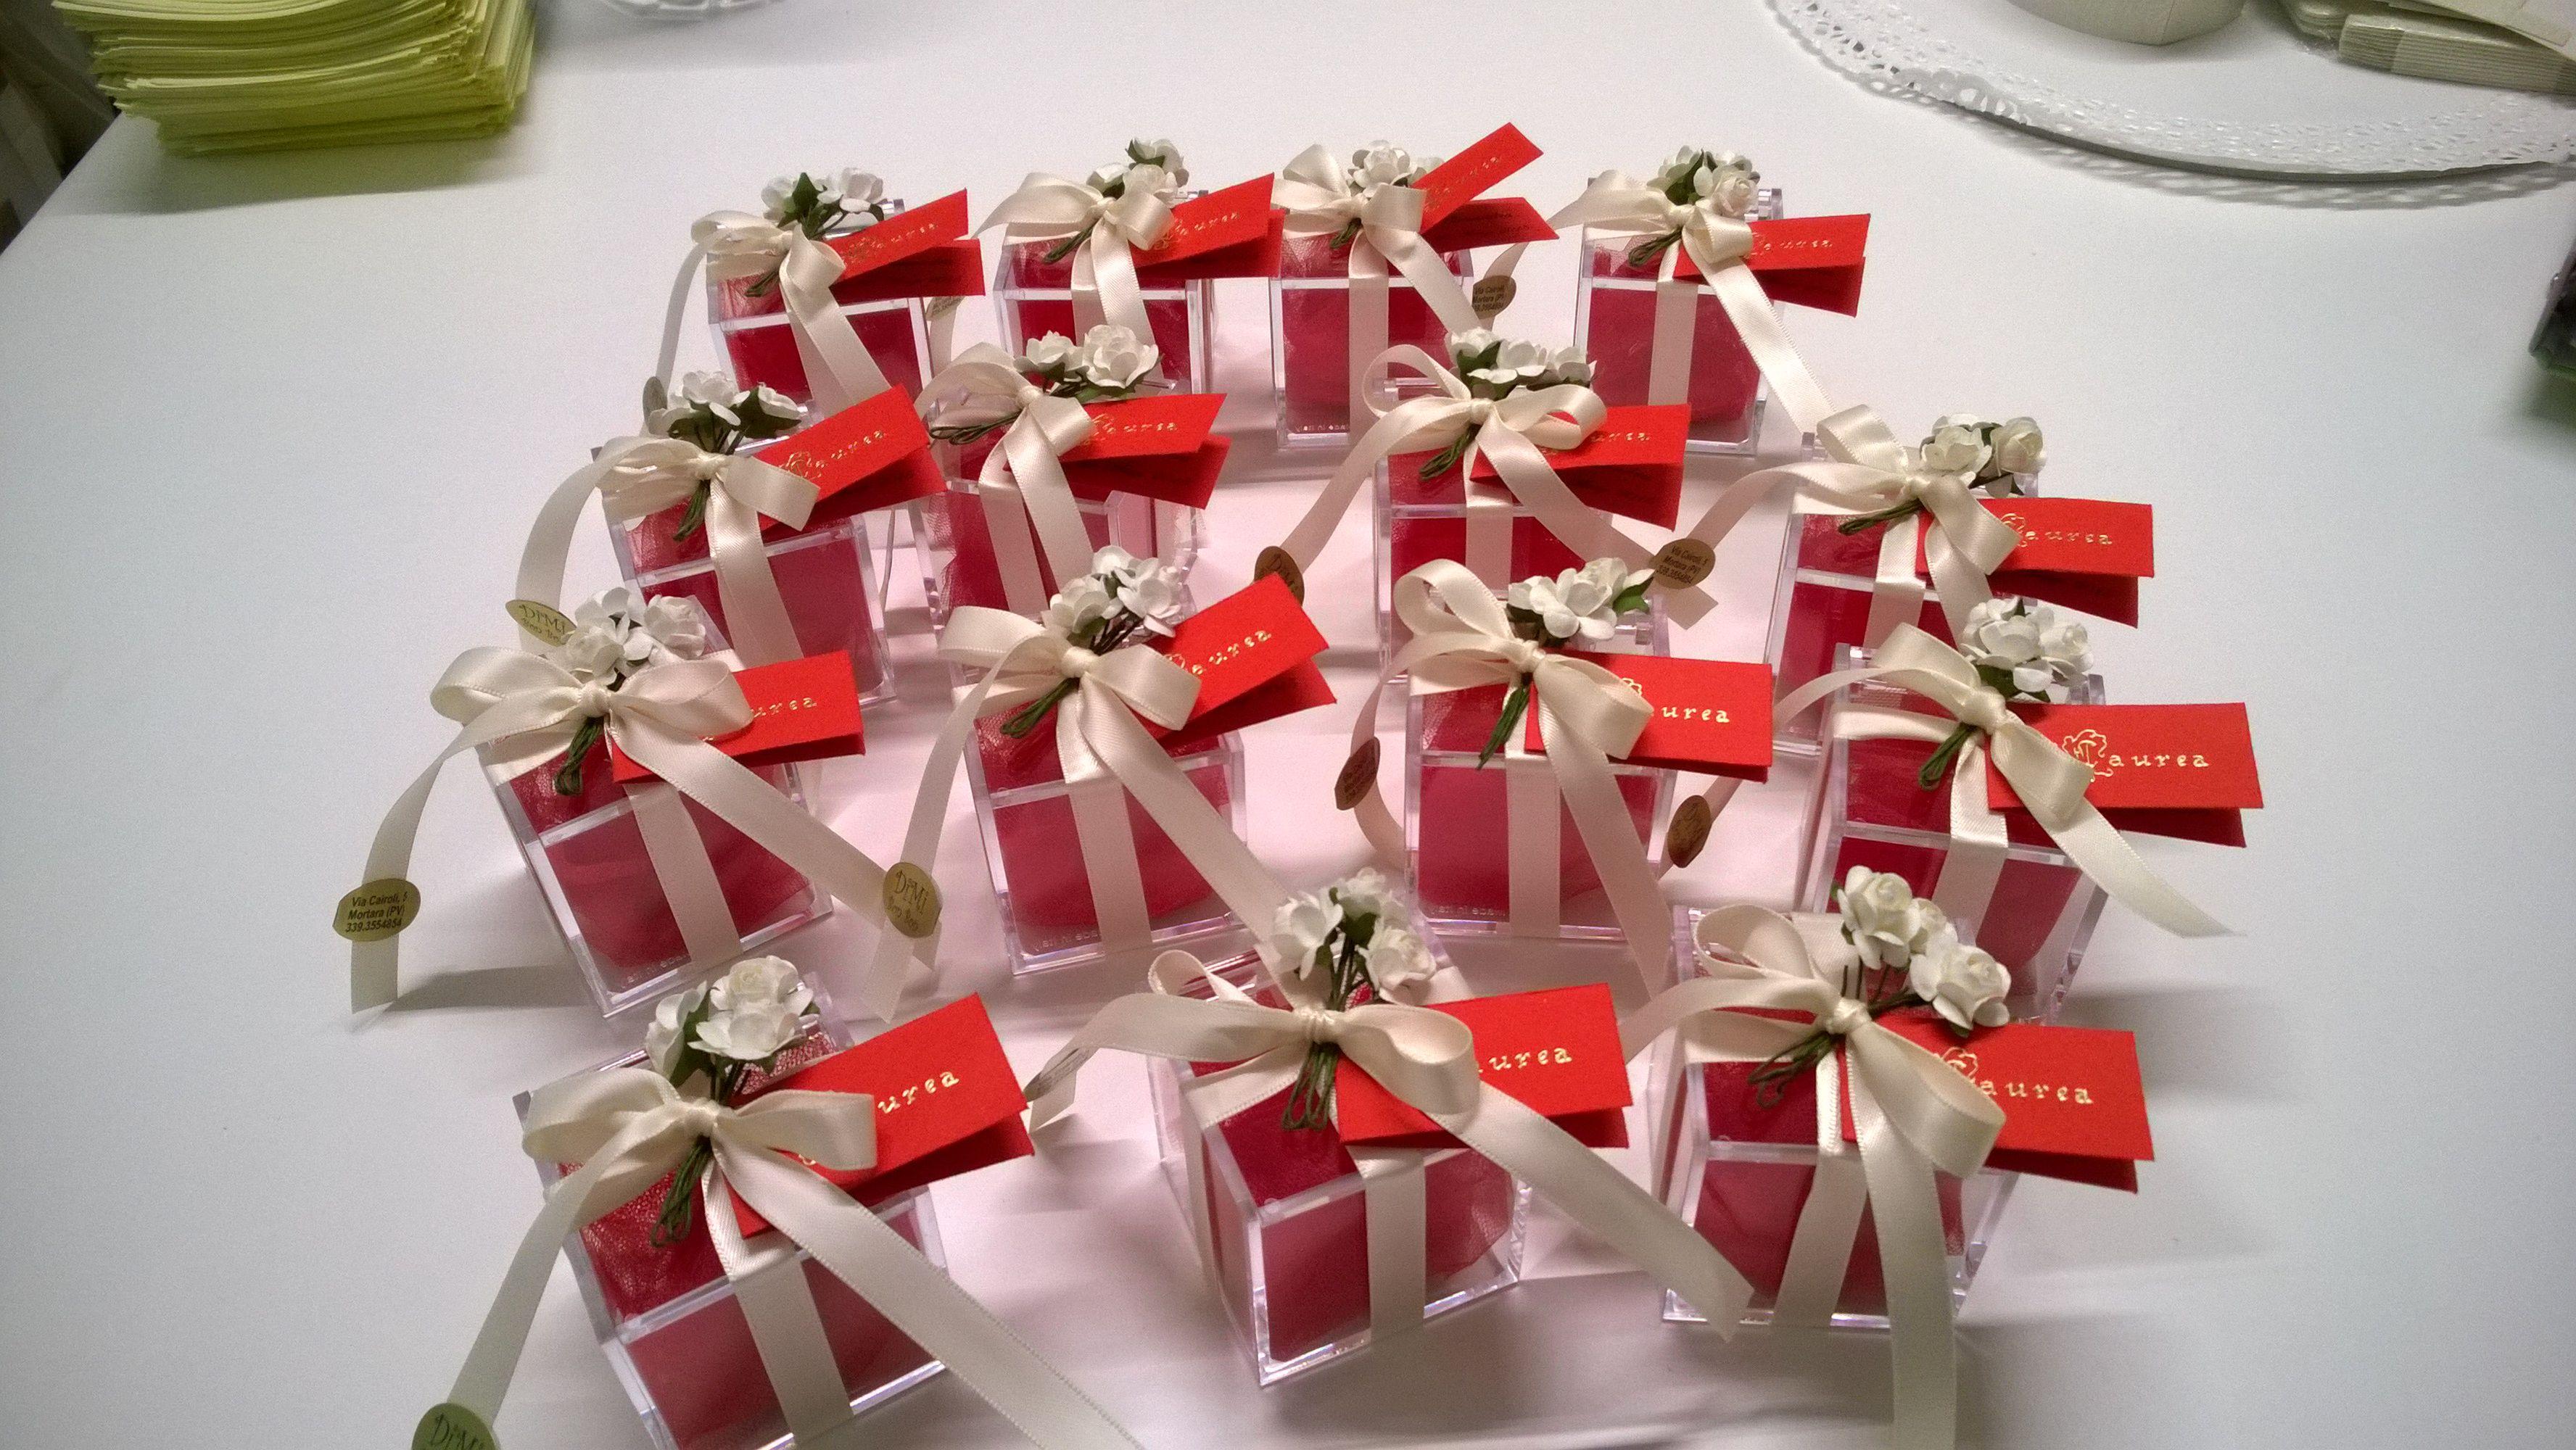 Bomboniere per Laurea. Scatola in  plexiglass con  confetti rossi al   cioccolato e confezionata con nastro in raso e fiori. e54afc555e82